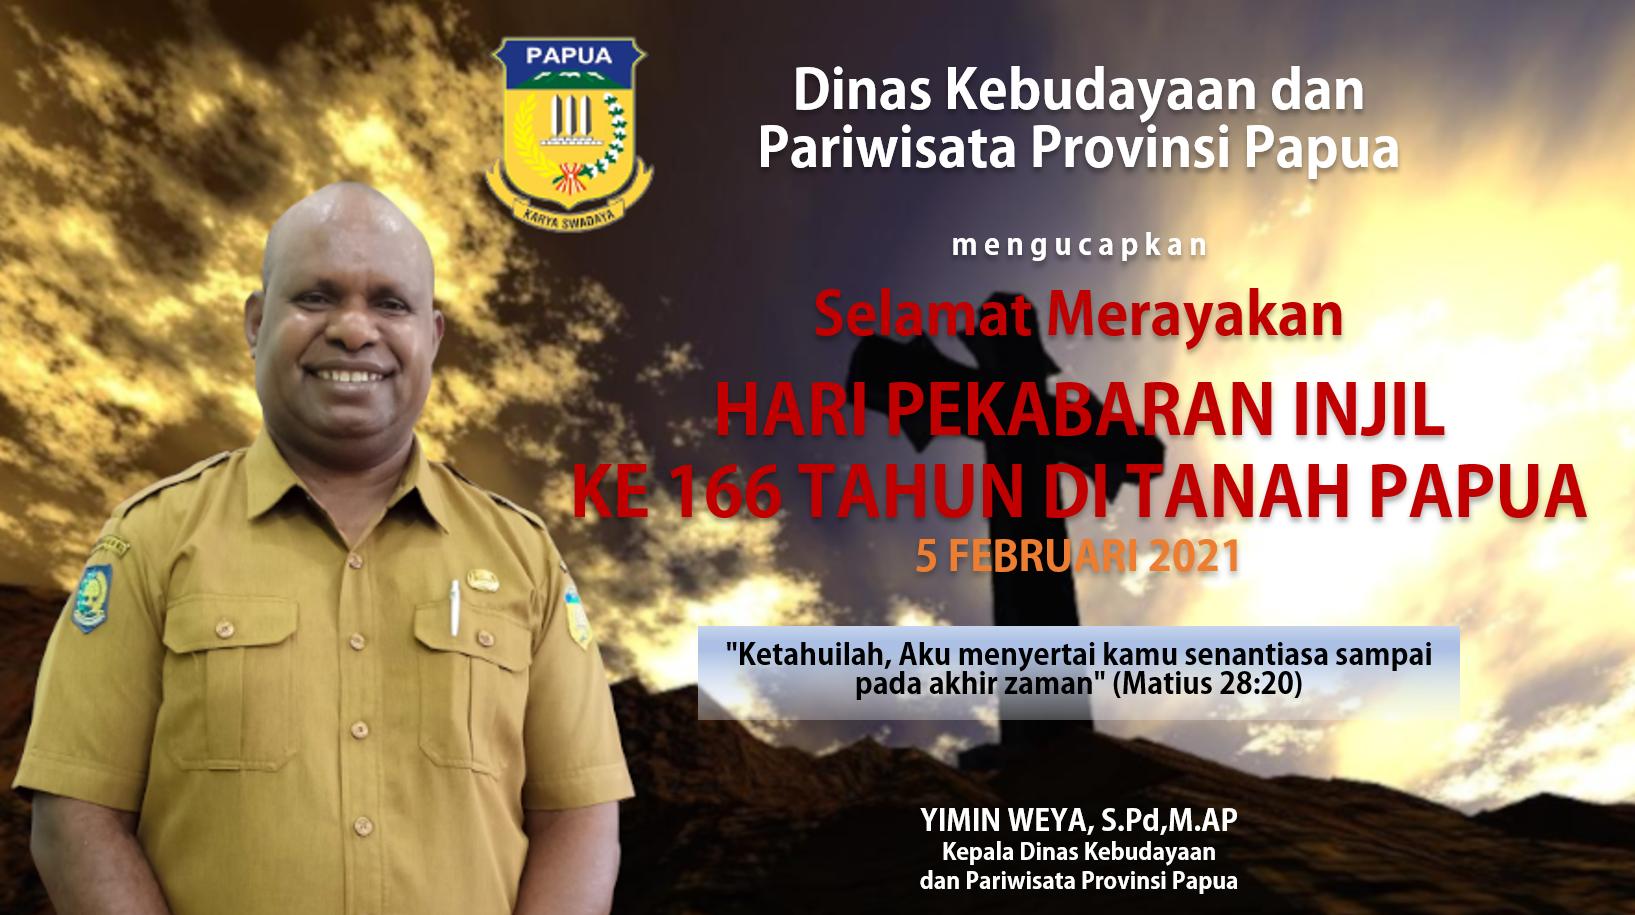 KdanP